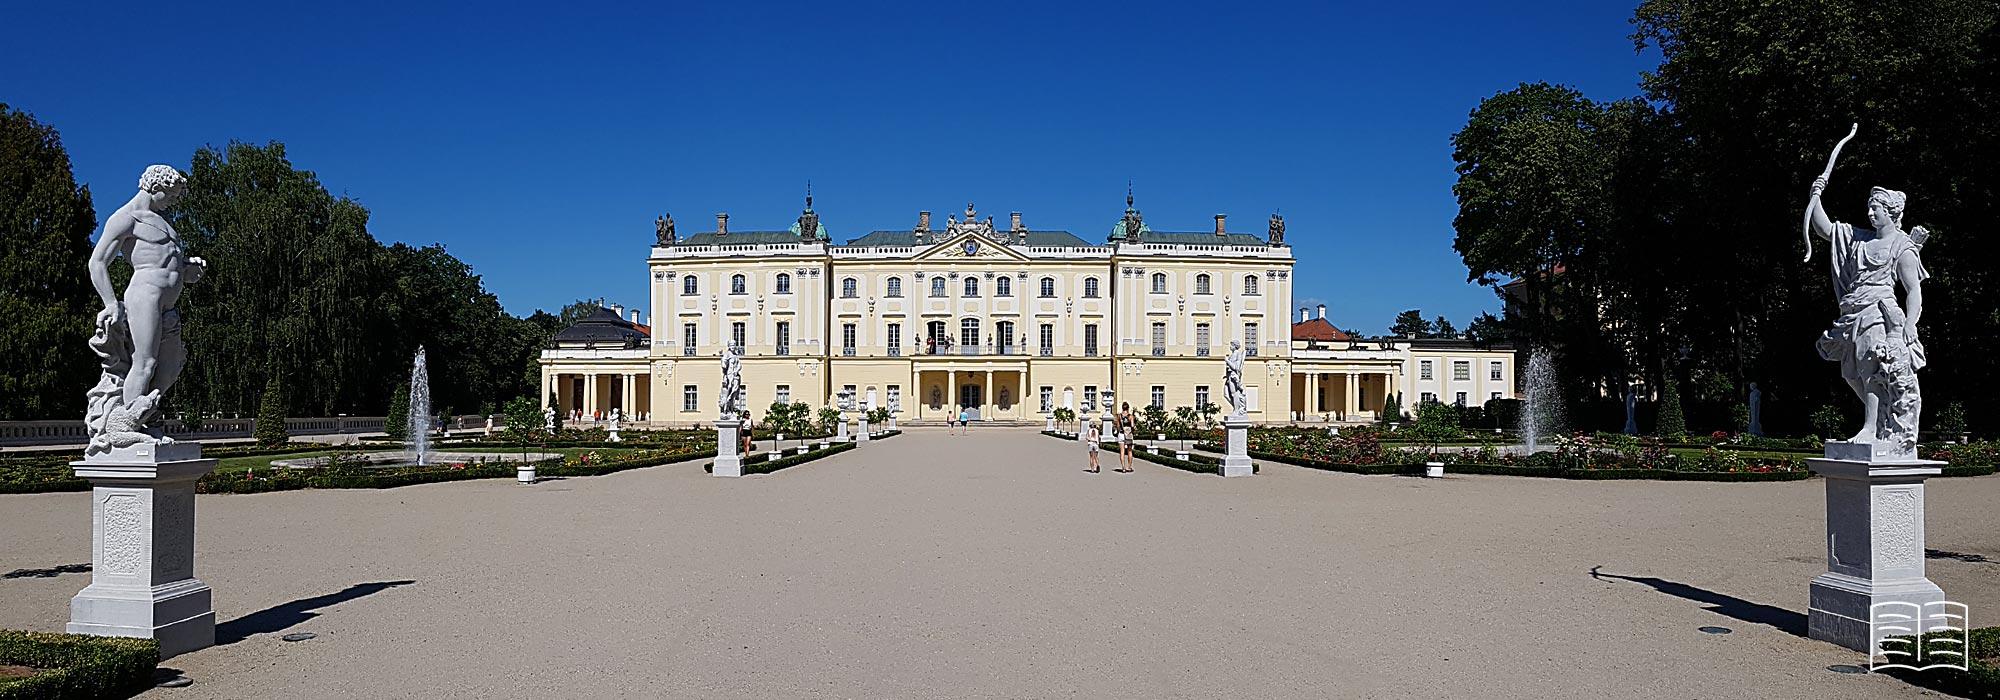 Bialystok - Pałac Branickich